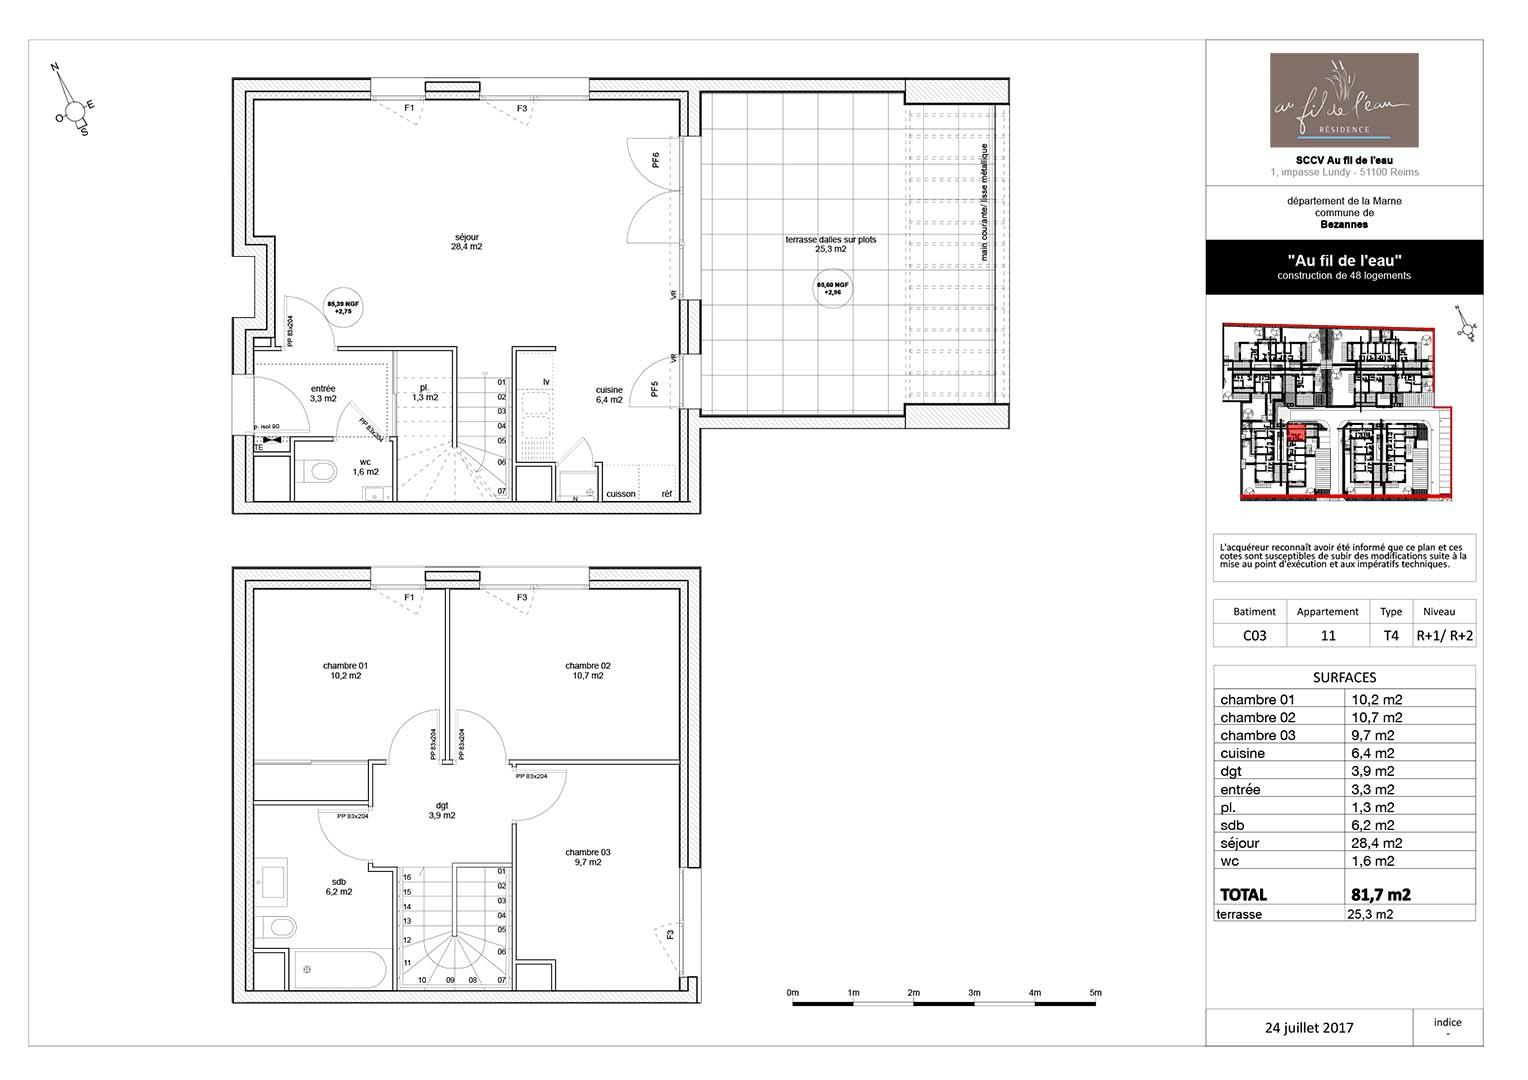 appartement C03-11 de type T4